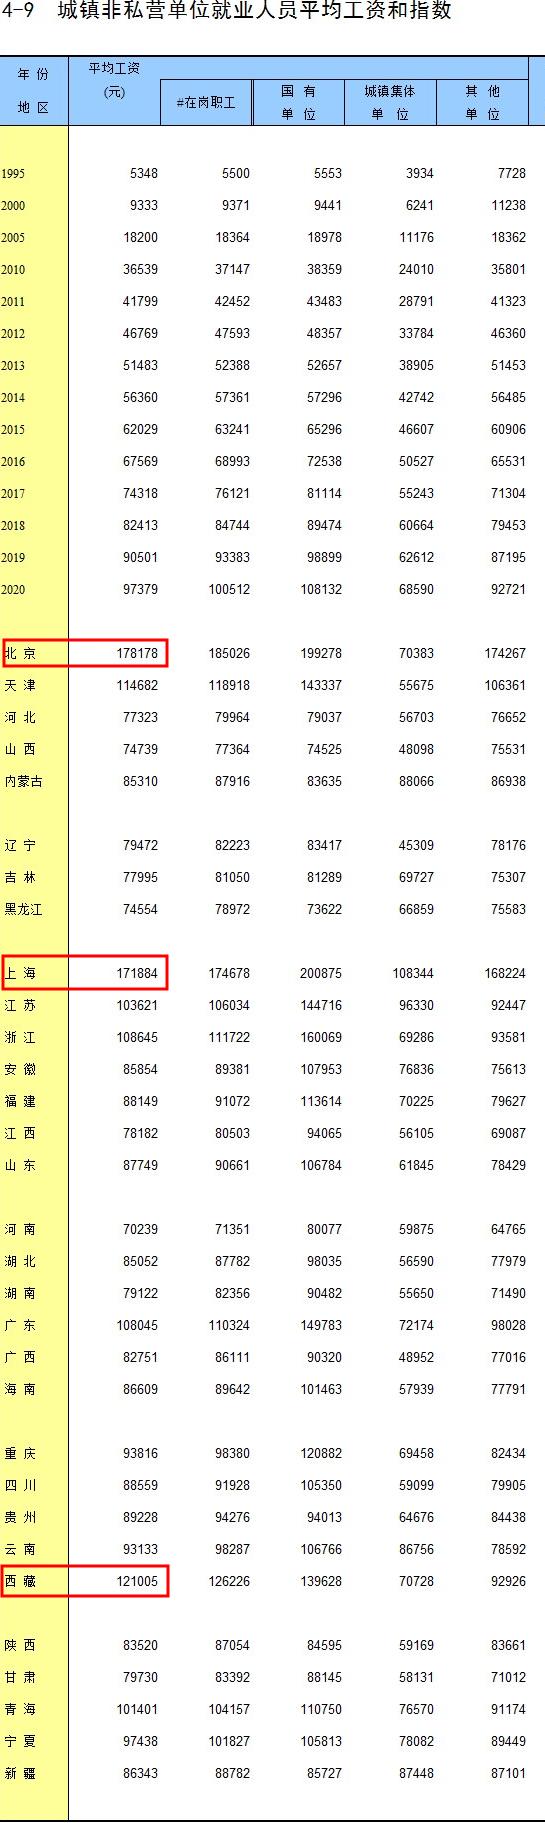 徐悲鸿《天马行空》:首次面世起拍价210万元